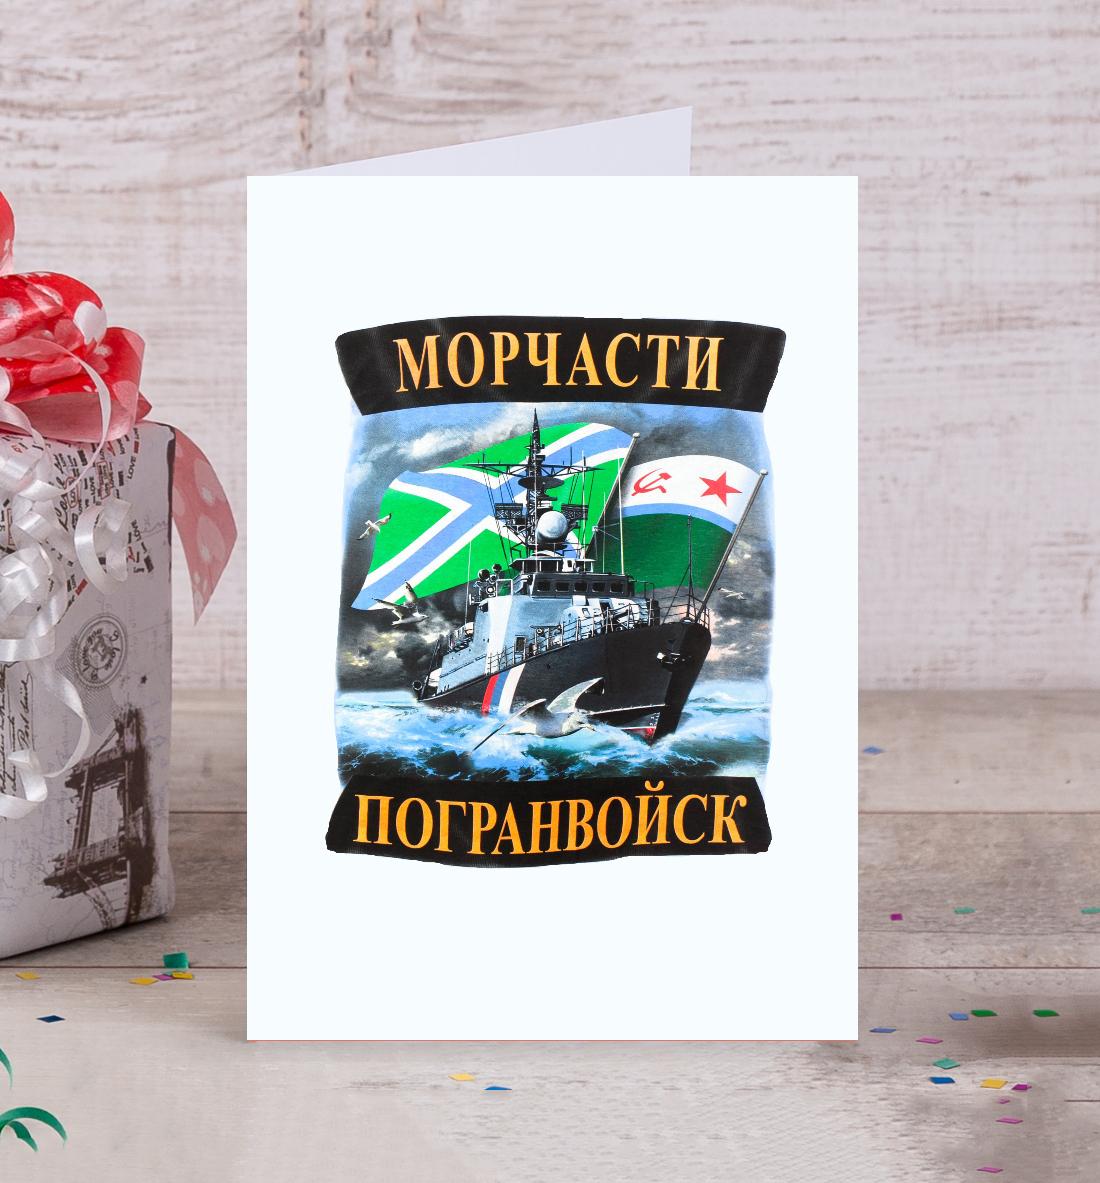 Фейерверков салютов, открытка морчасти погранвойск